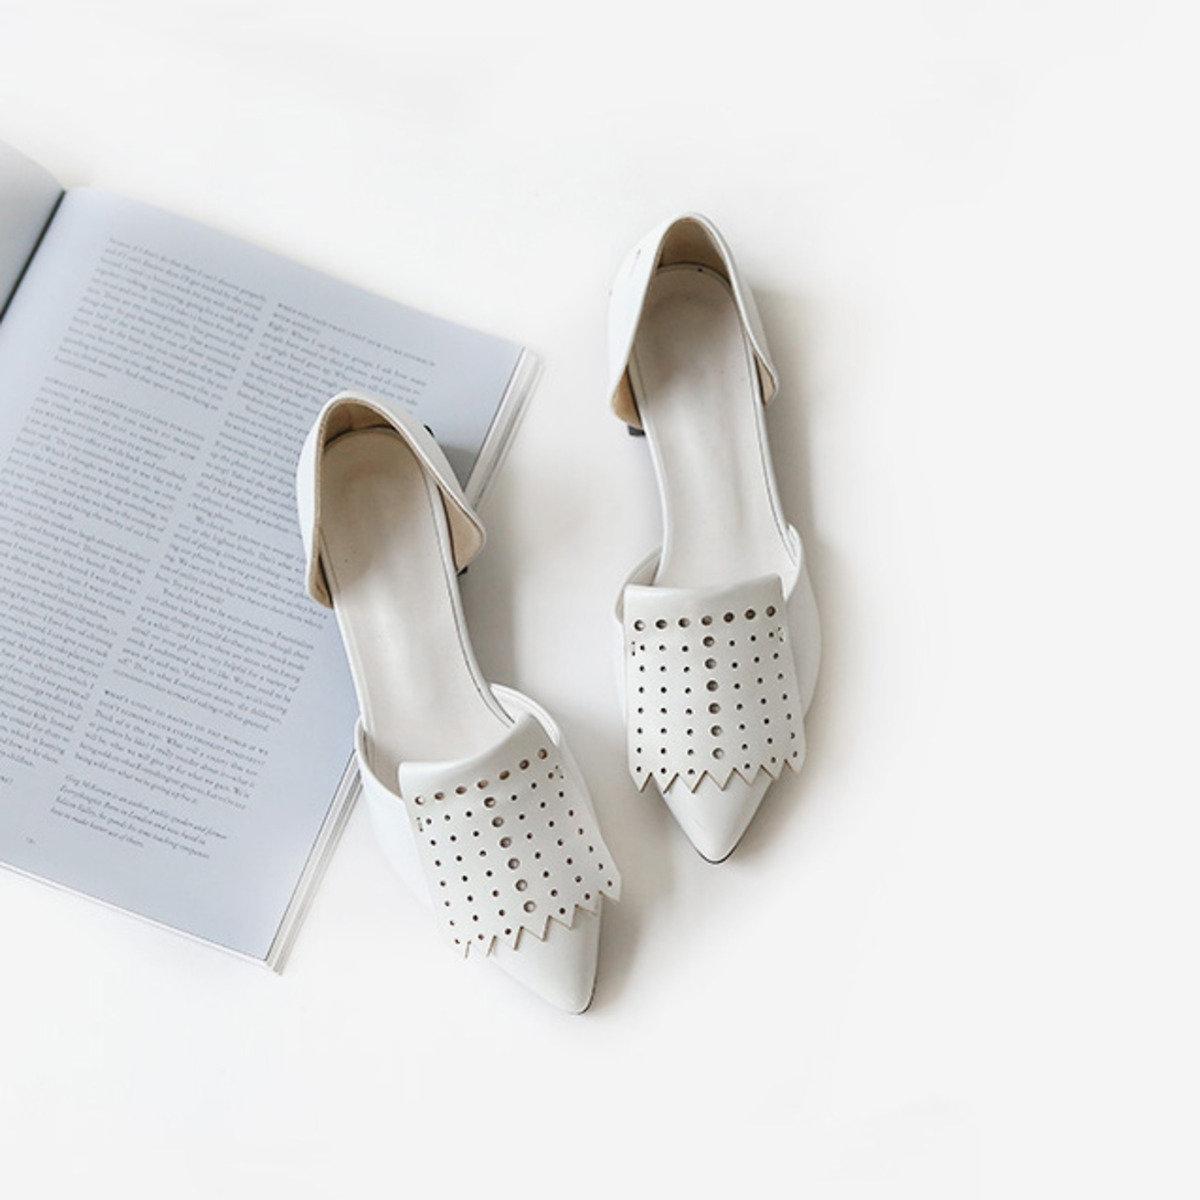 型格密頭平底鞋_C61YESH1